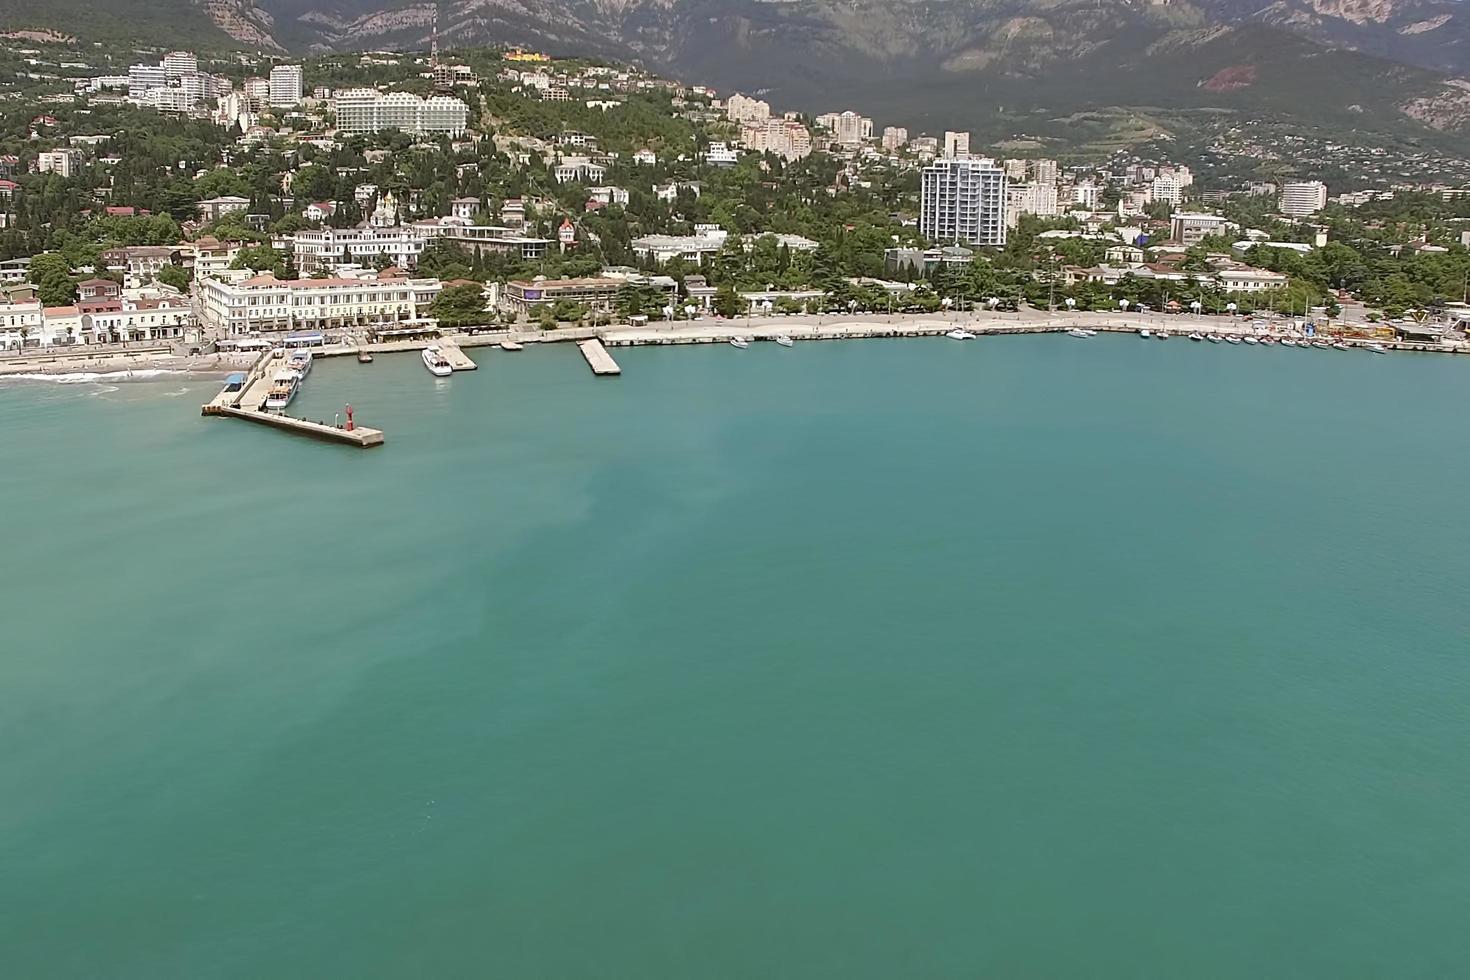 vue aérienne du paysage urbain. photo